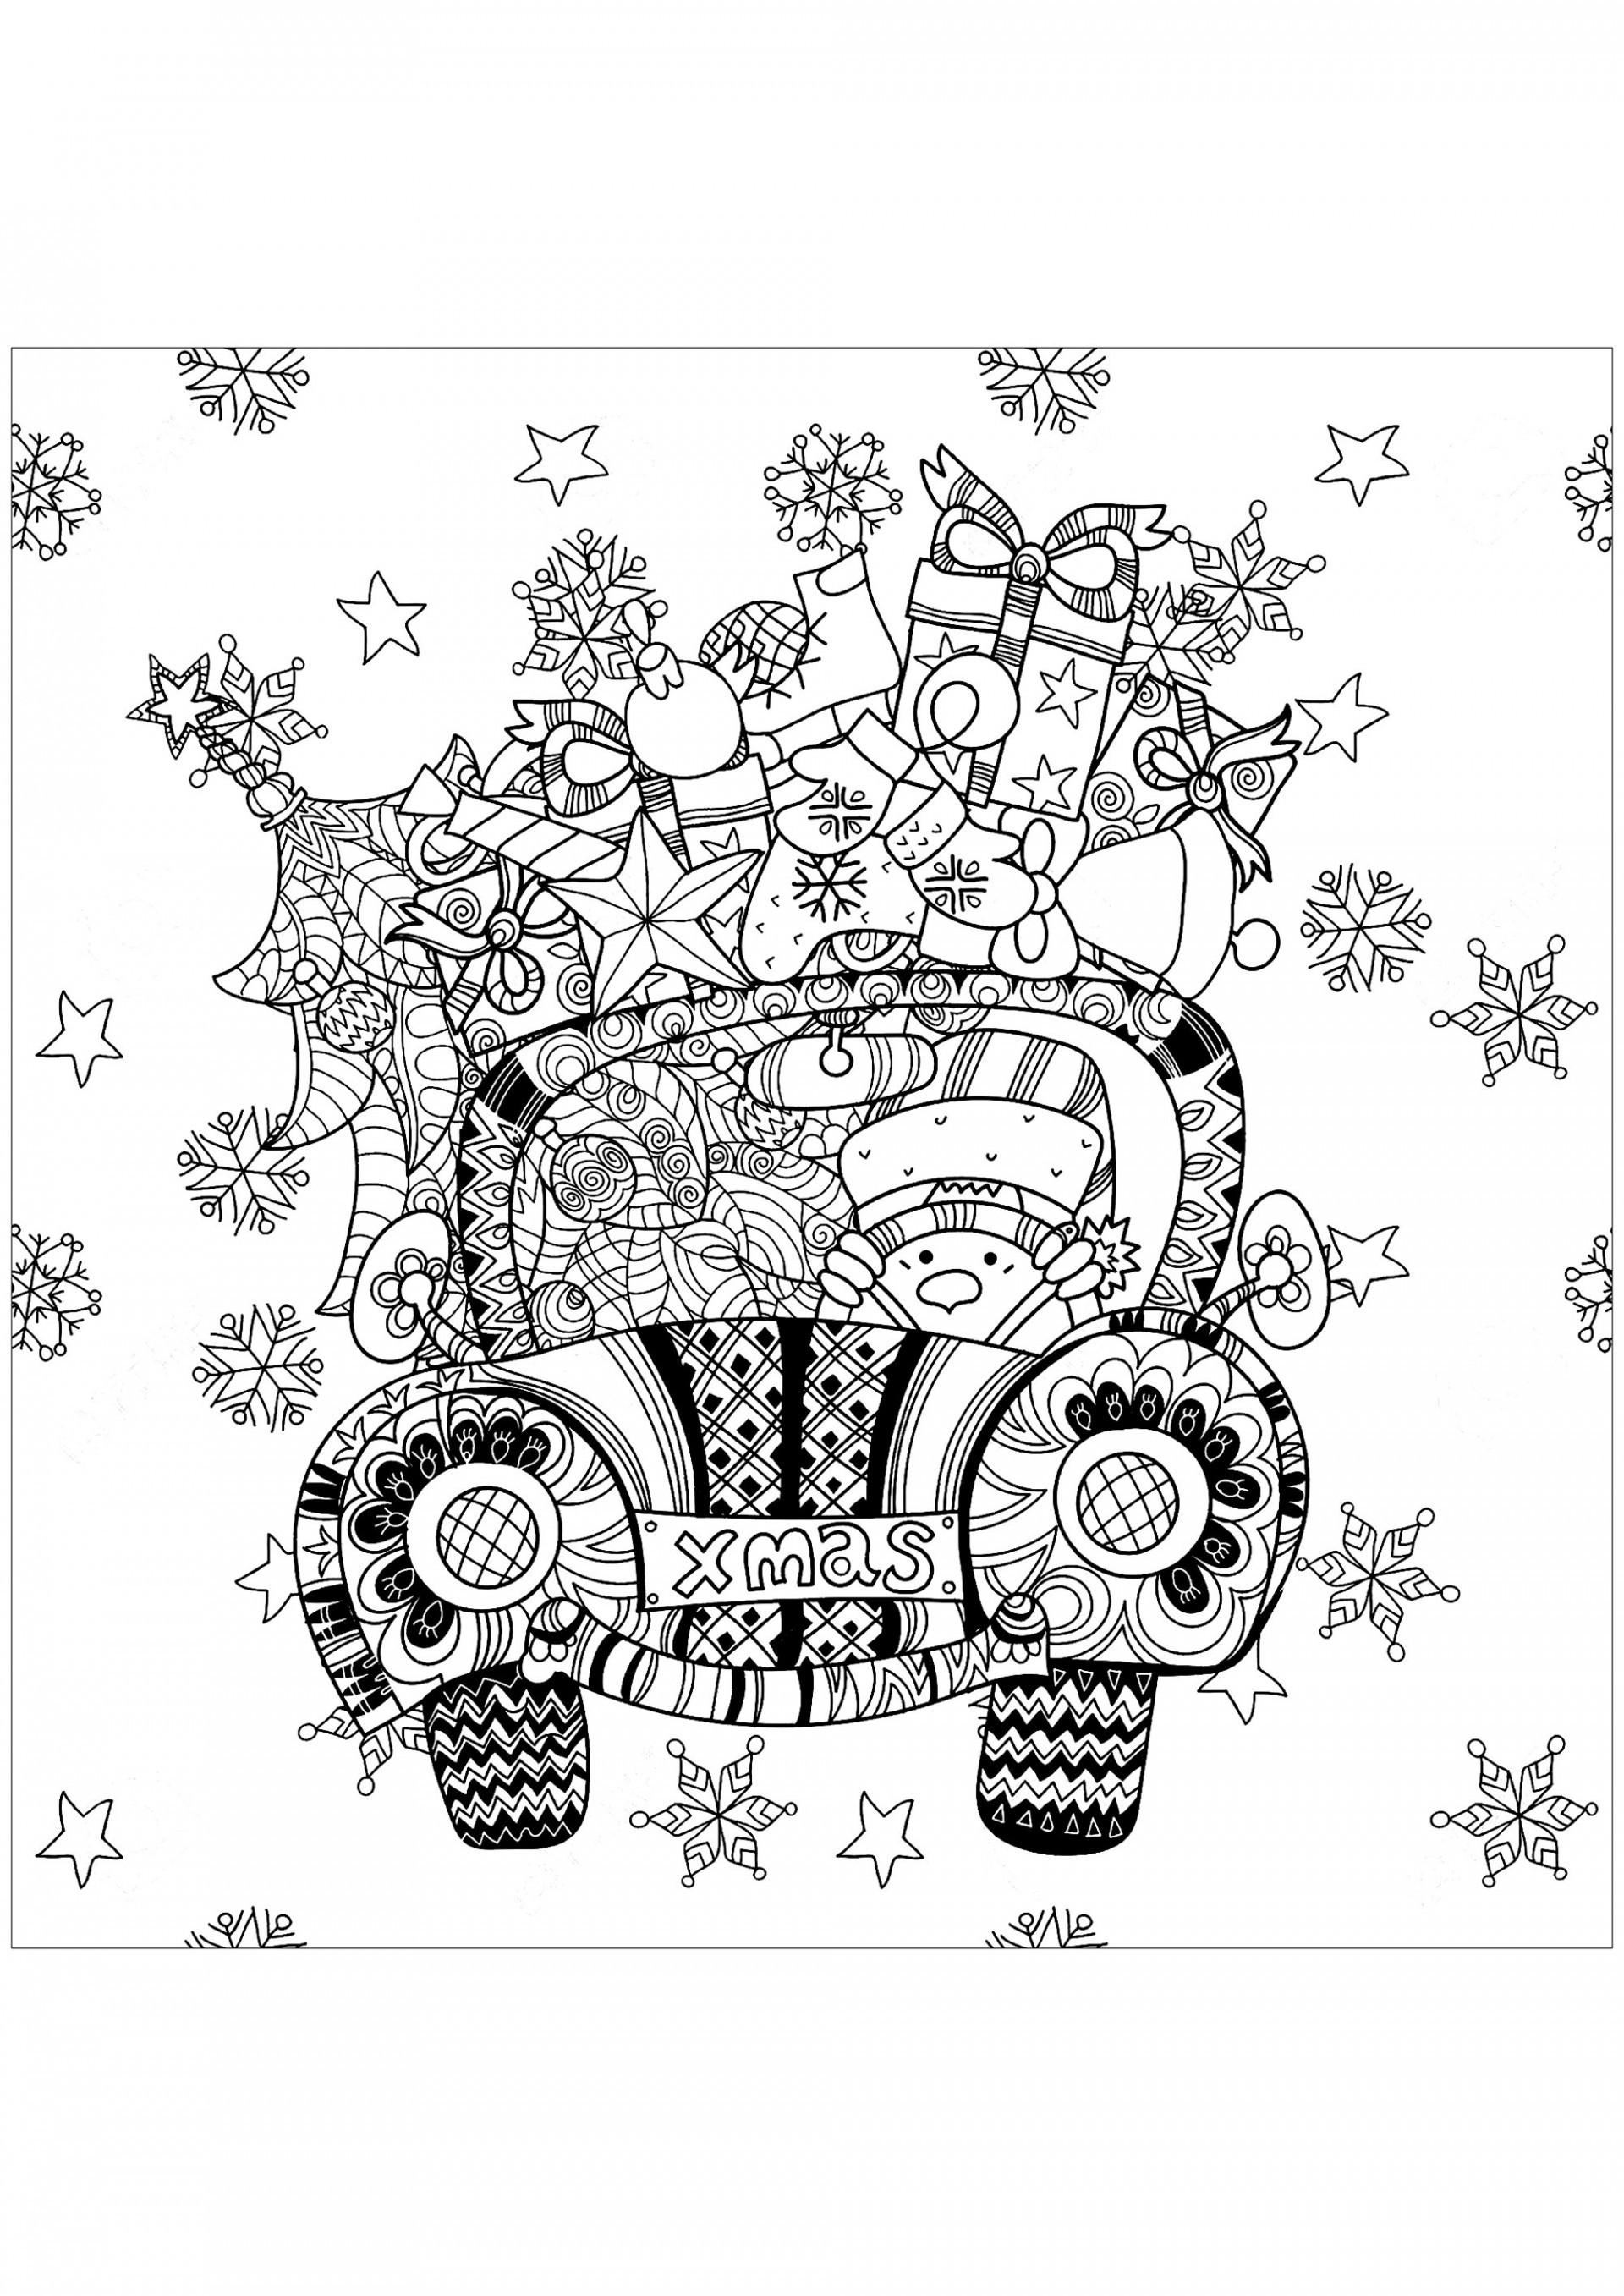 Ausmalbilder Für Erwachsene Weihnachten Inspirierend Wynn Kapit Anatomie Malbuch Ekasapta Me Das Malvorlagen Fotografieren